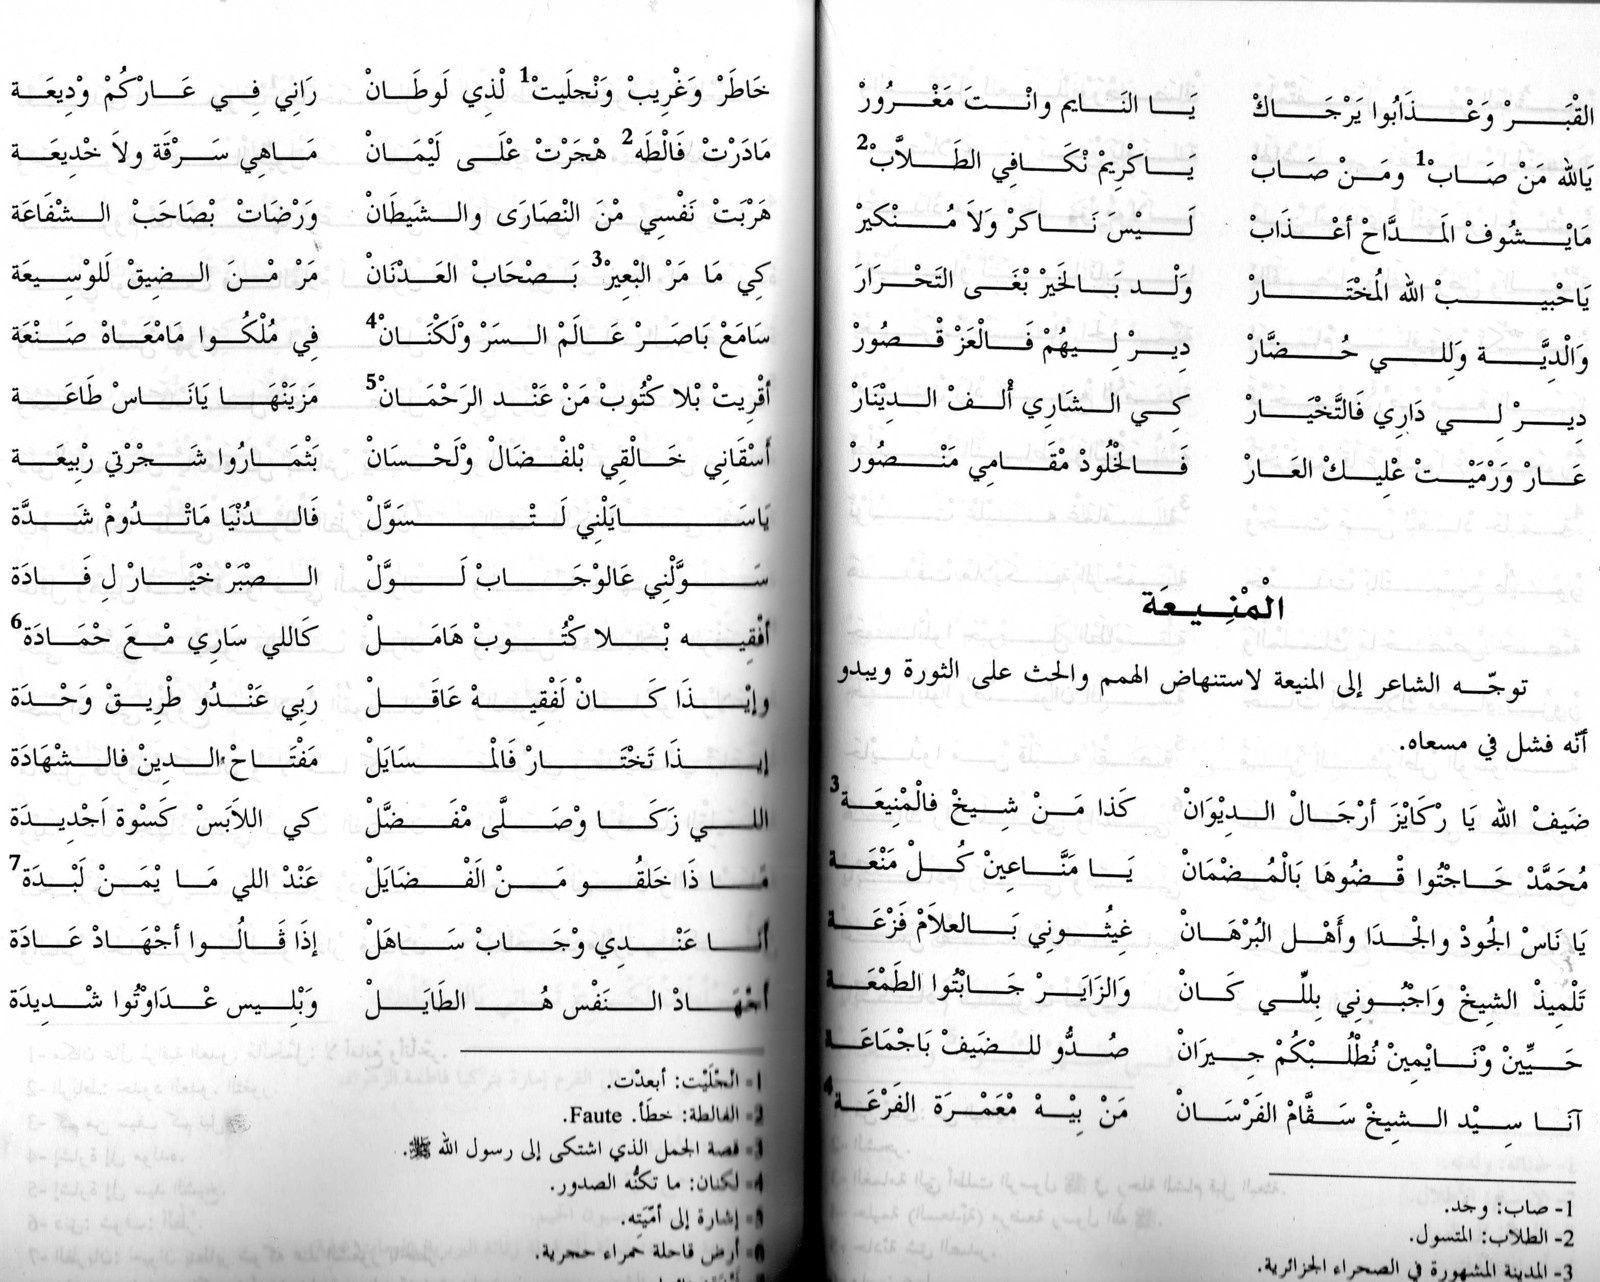 *المهند  المغمد* مجموعة قصائد في الشعر الملحون .كتاب من تقديم الاستاذ مجاهد الناصر